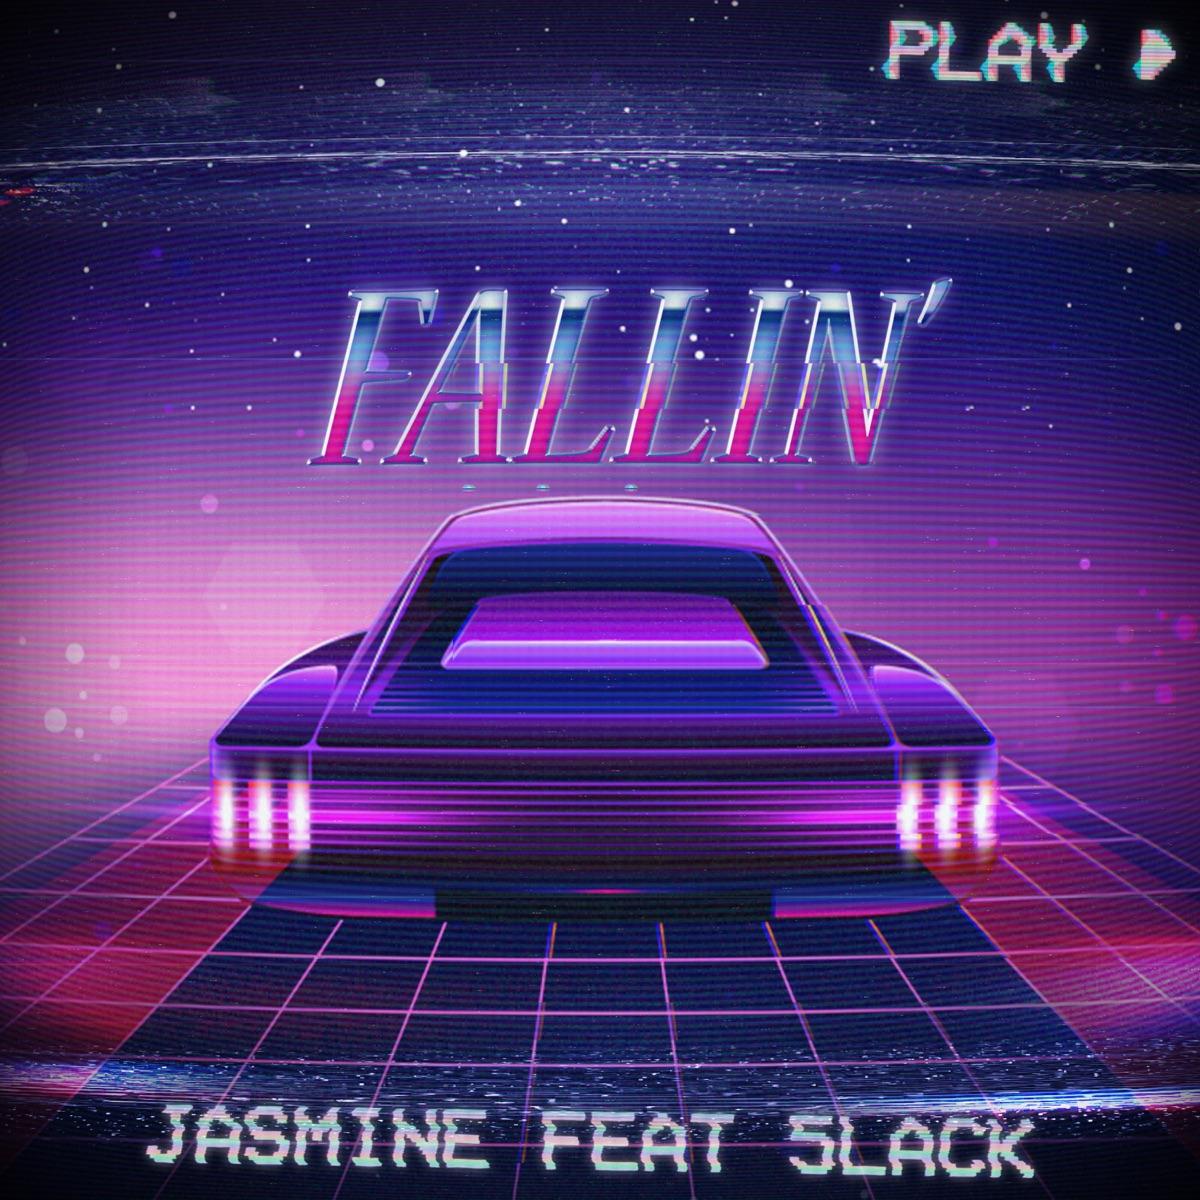 『JASMINEFALLIN' feat. 5lack』収録の『FALLIN' feat. 5lack』ジャケット